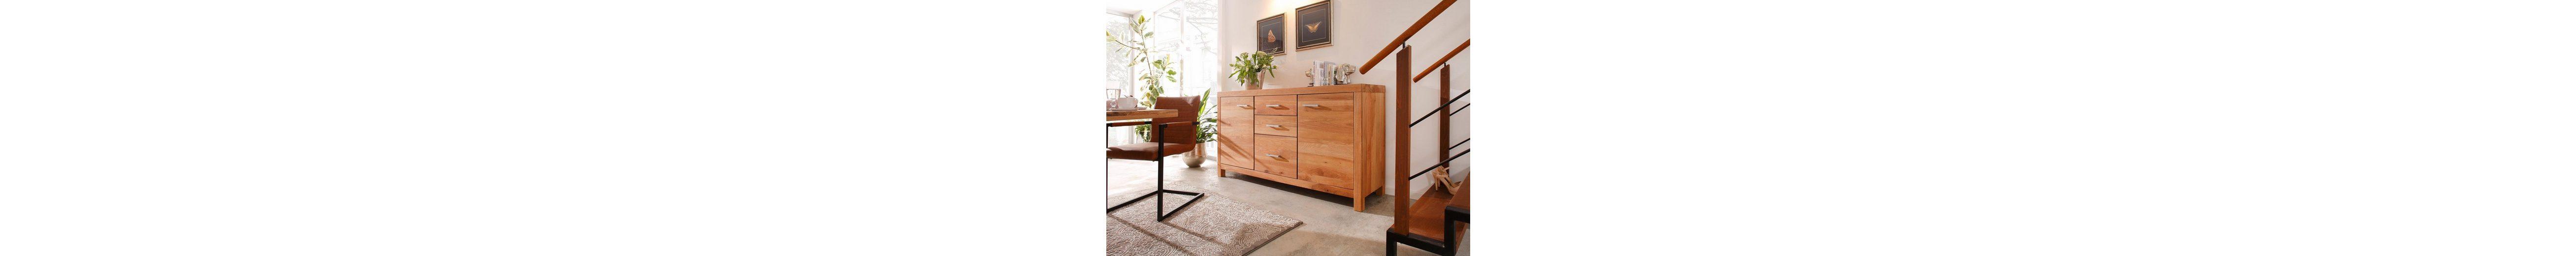 Premium collection by Home affaire Sideboard »Madeira«, mit 2 Türen & 3 Schubladen, Breite 172 cm